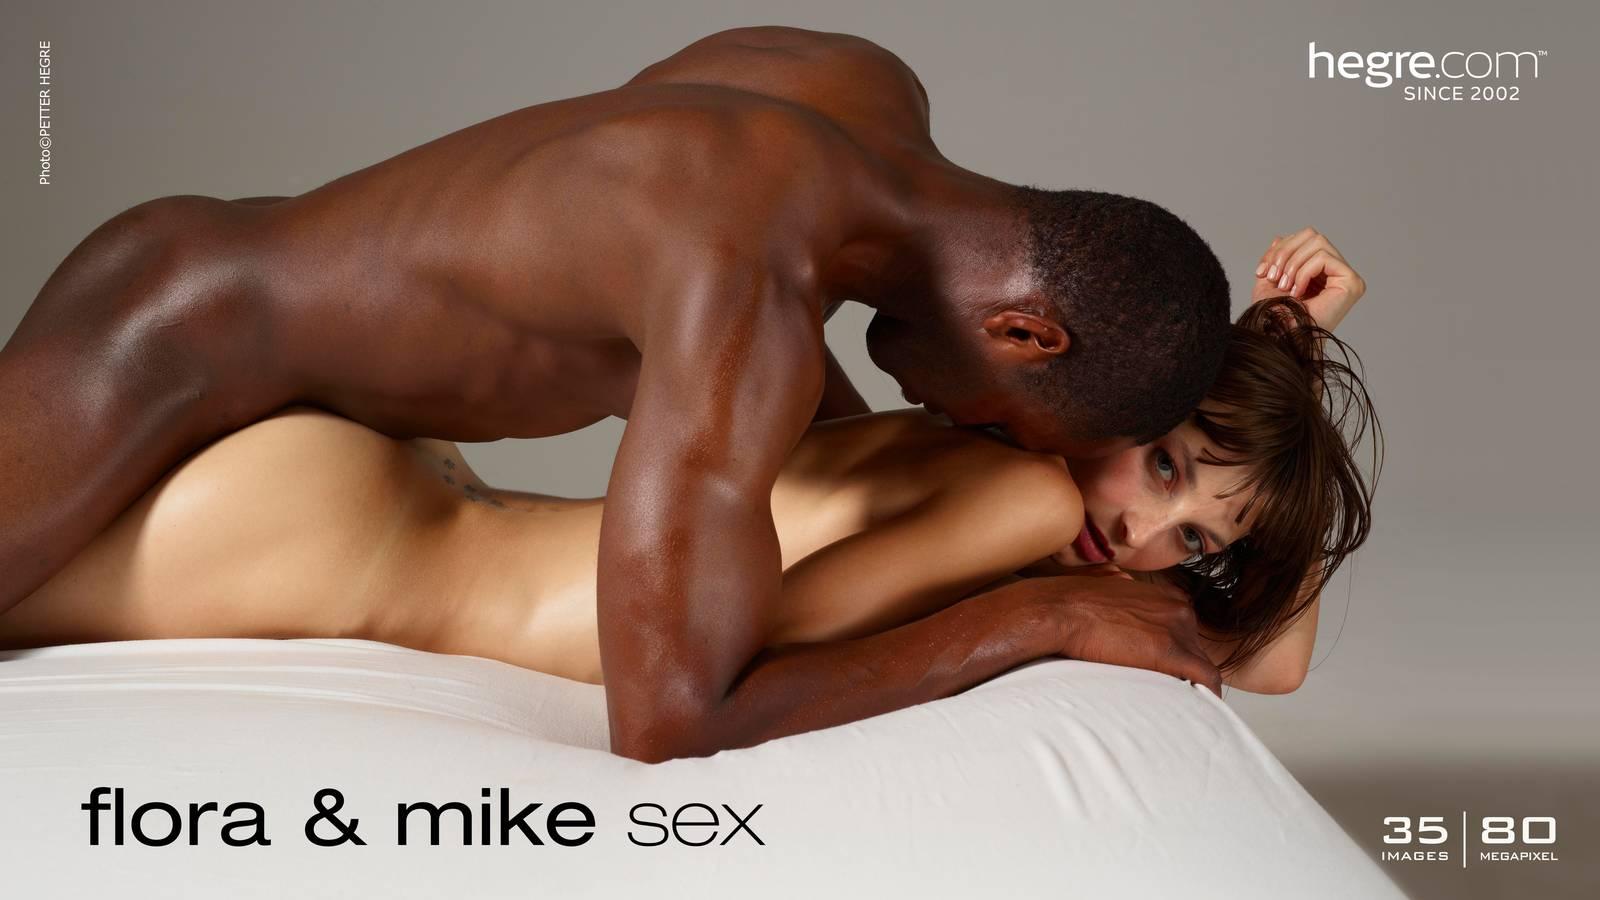 sex model hegre